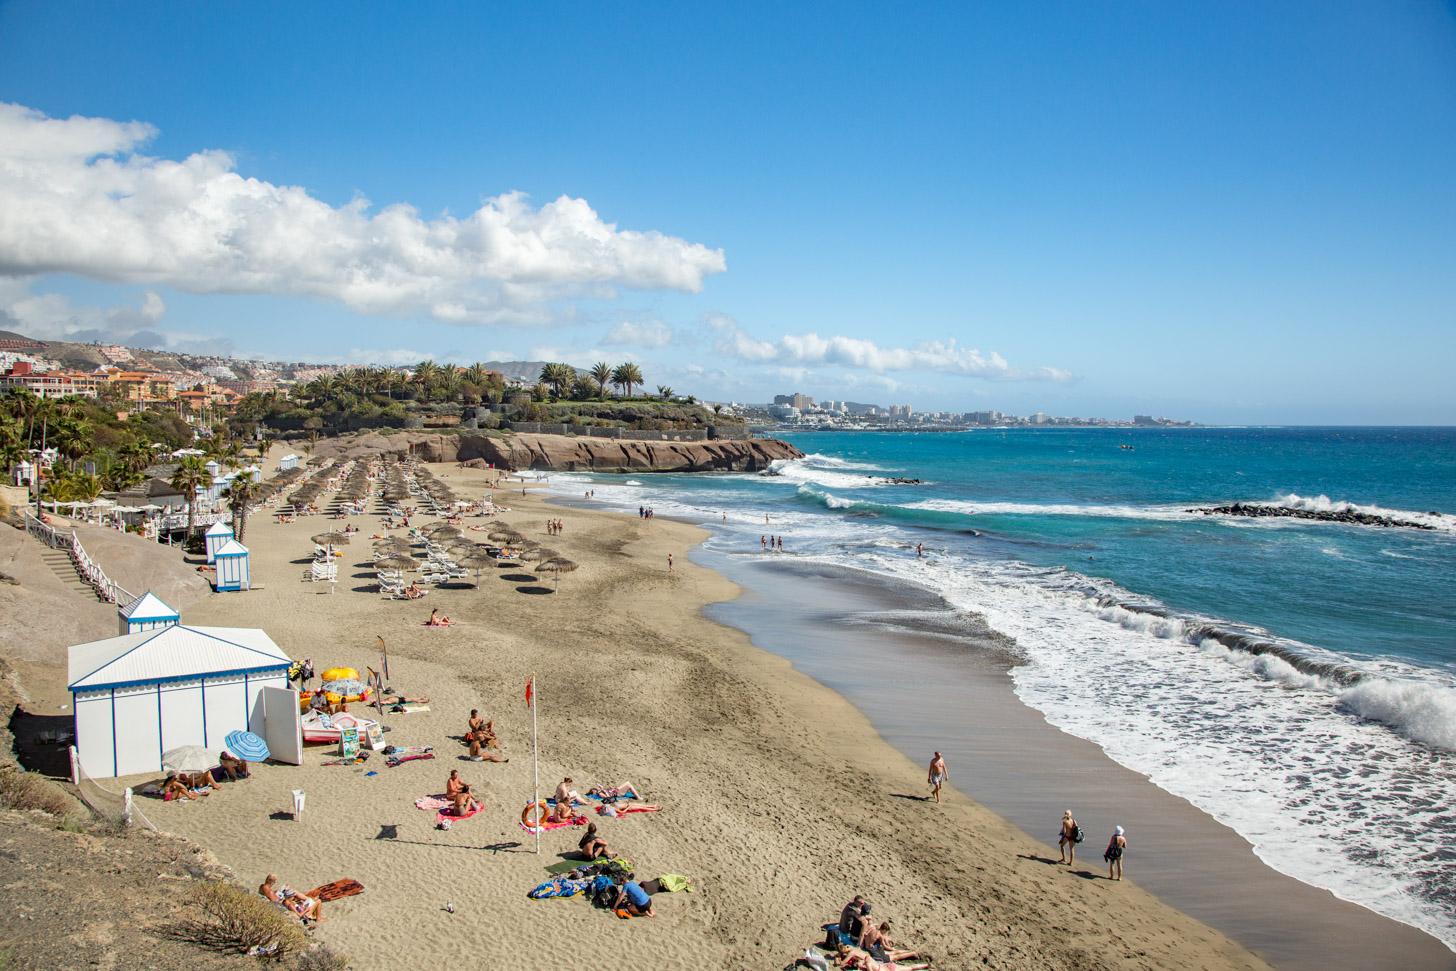 De toeristische kant van Tenerife